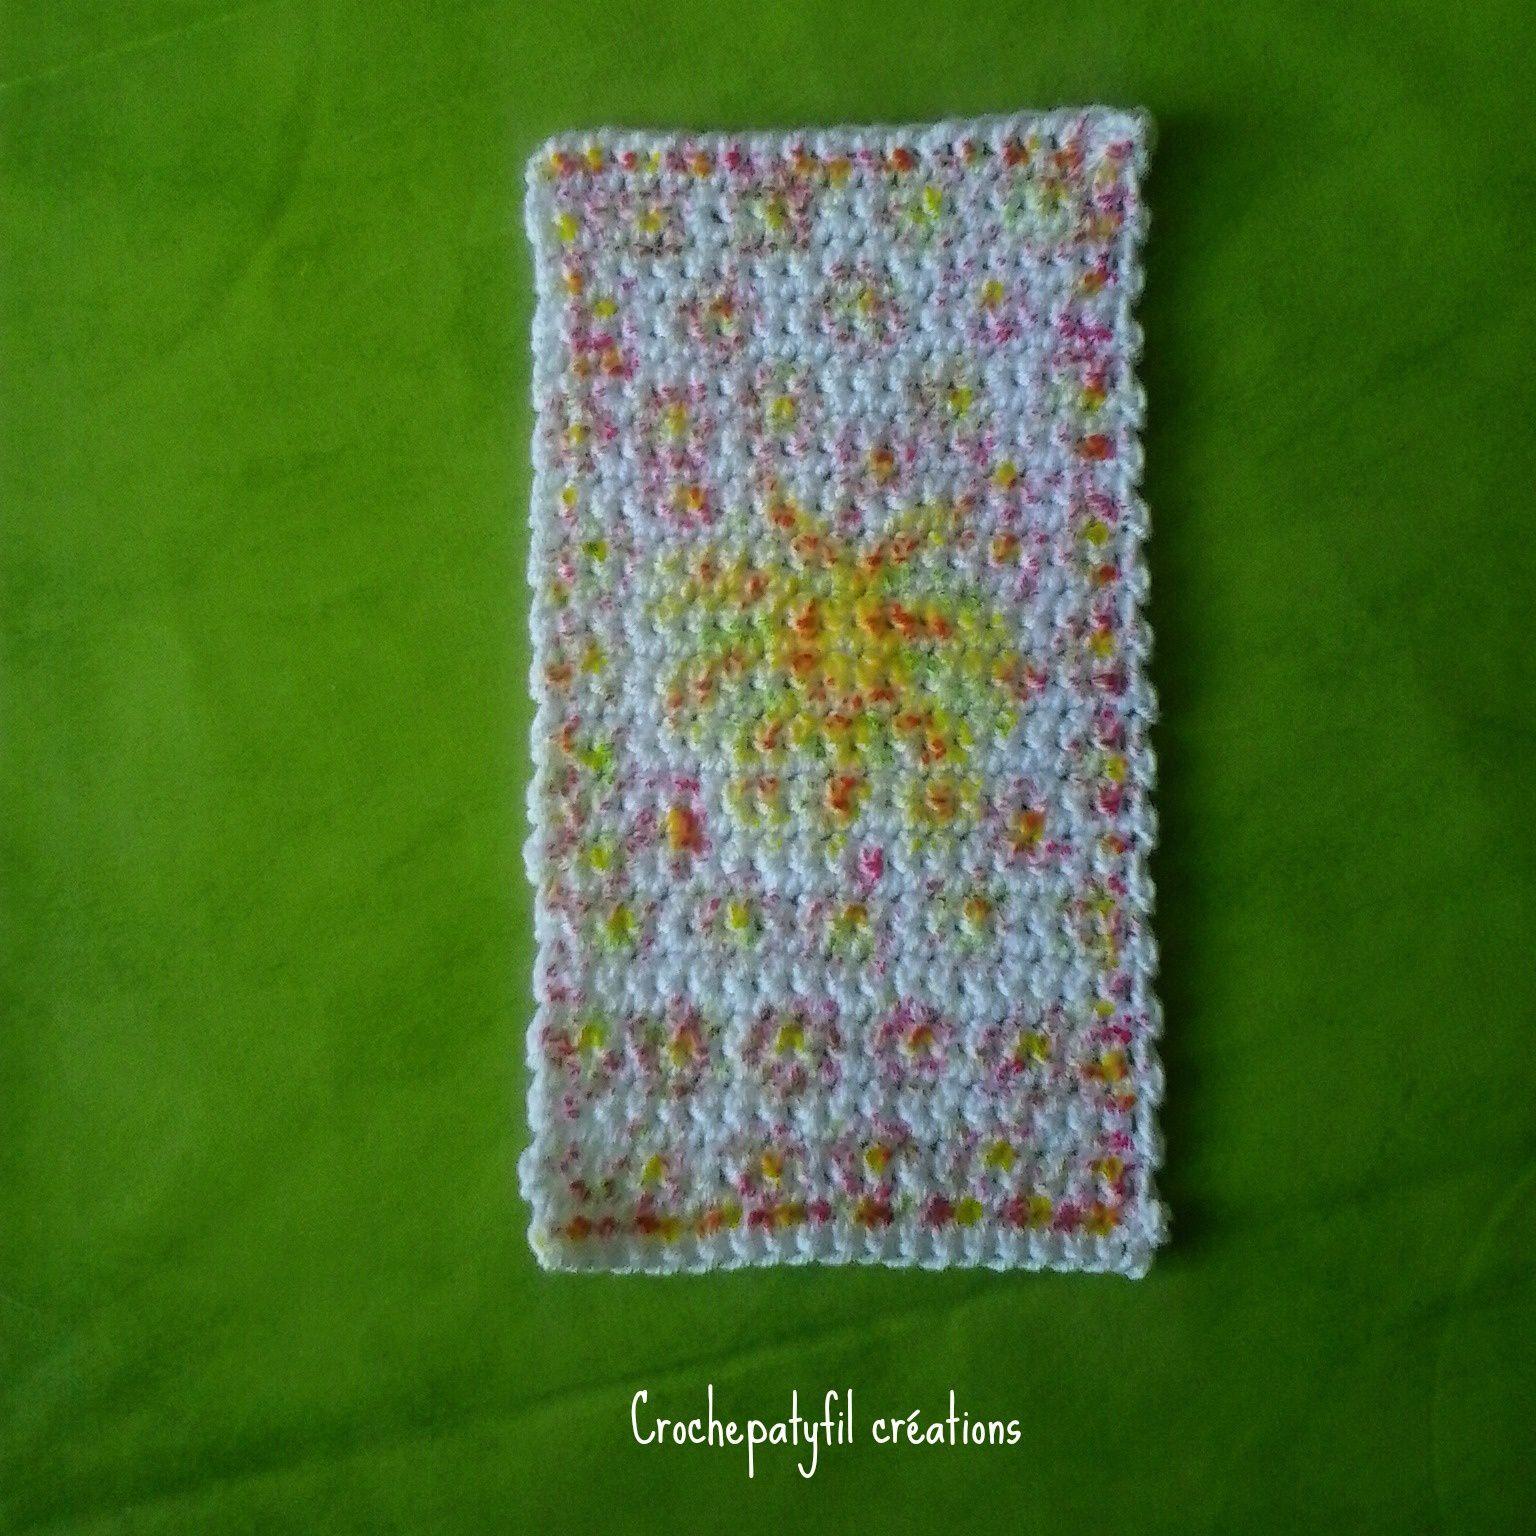 Sérial crocheteuses 228